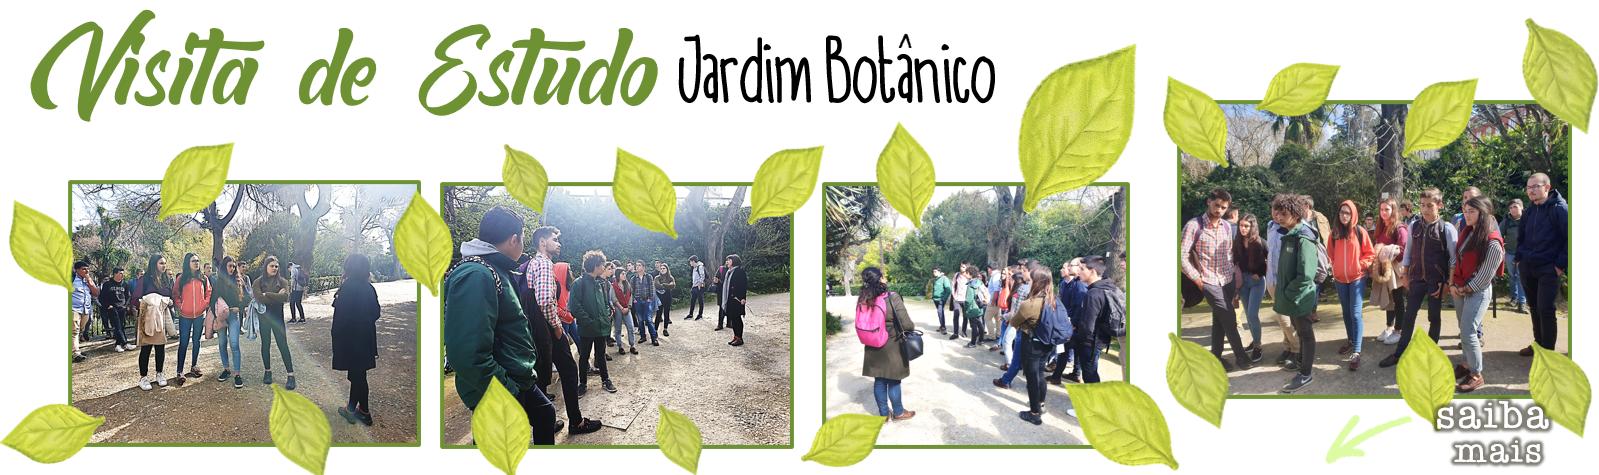 Visita de estudo ao jardim botânico